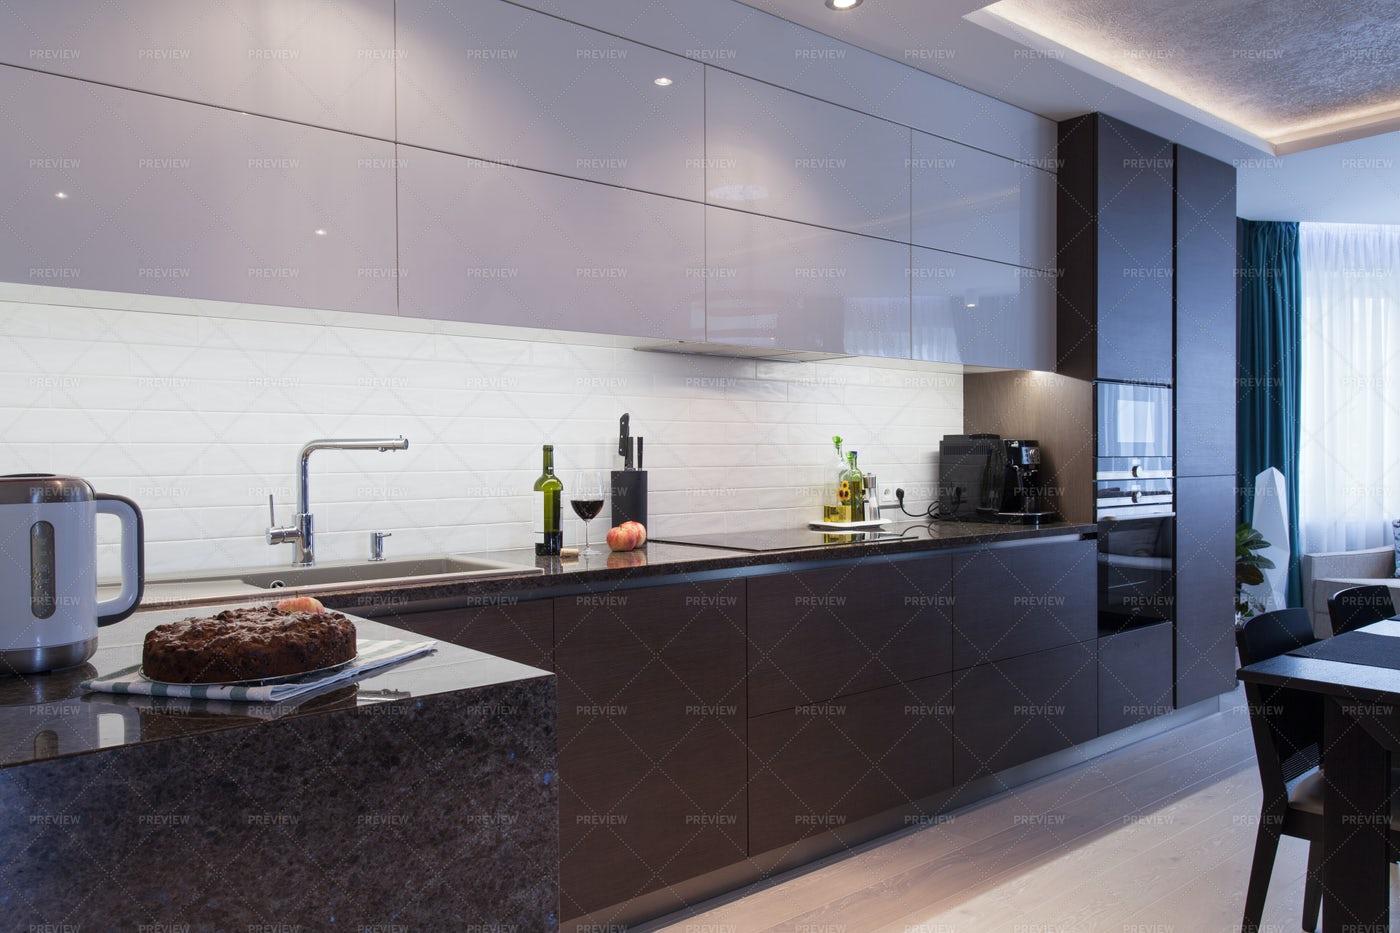 Apartment Kitchen Interior: Stock Photos